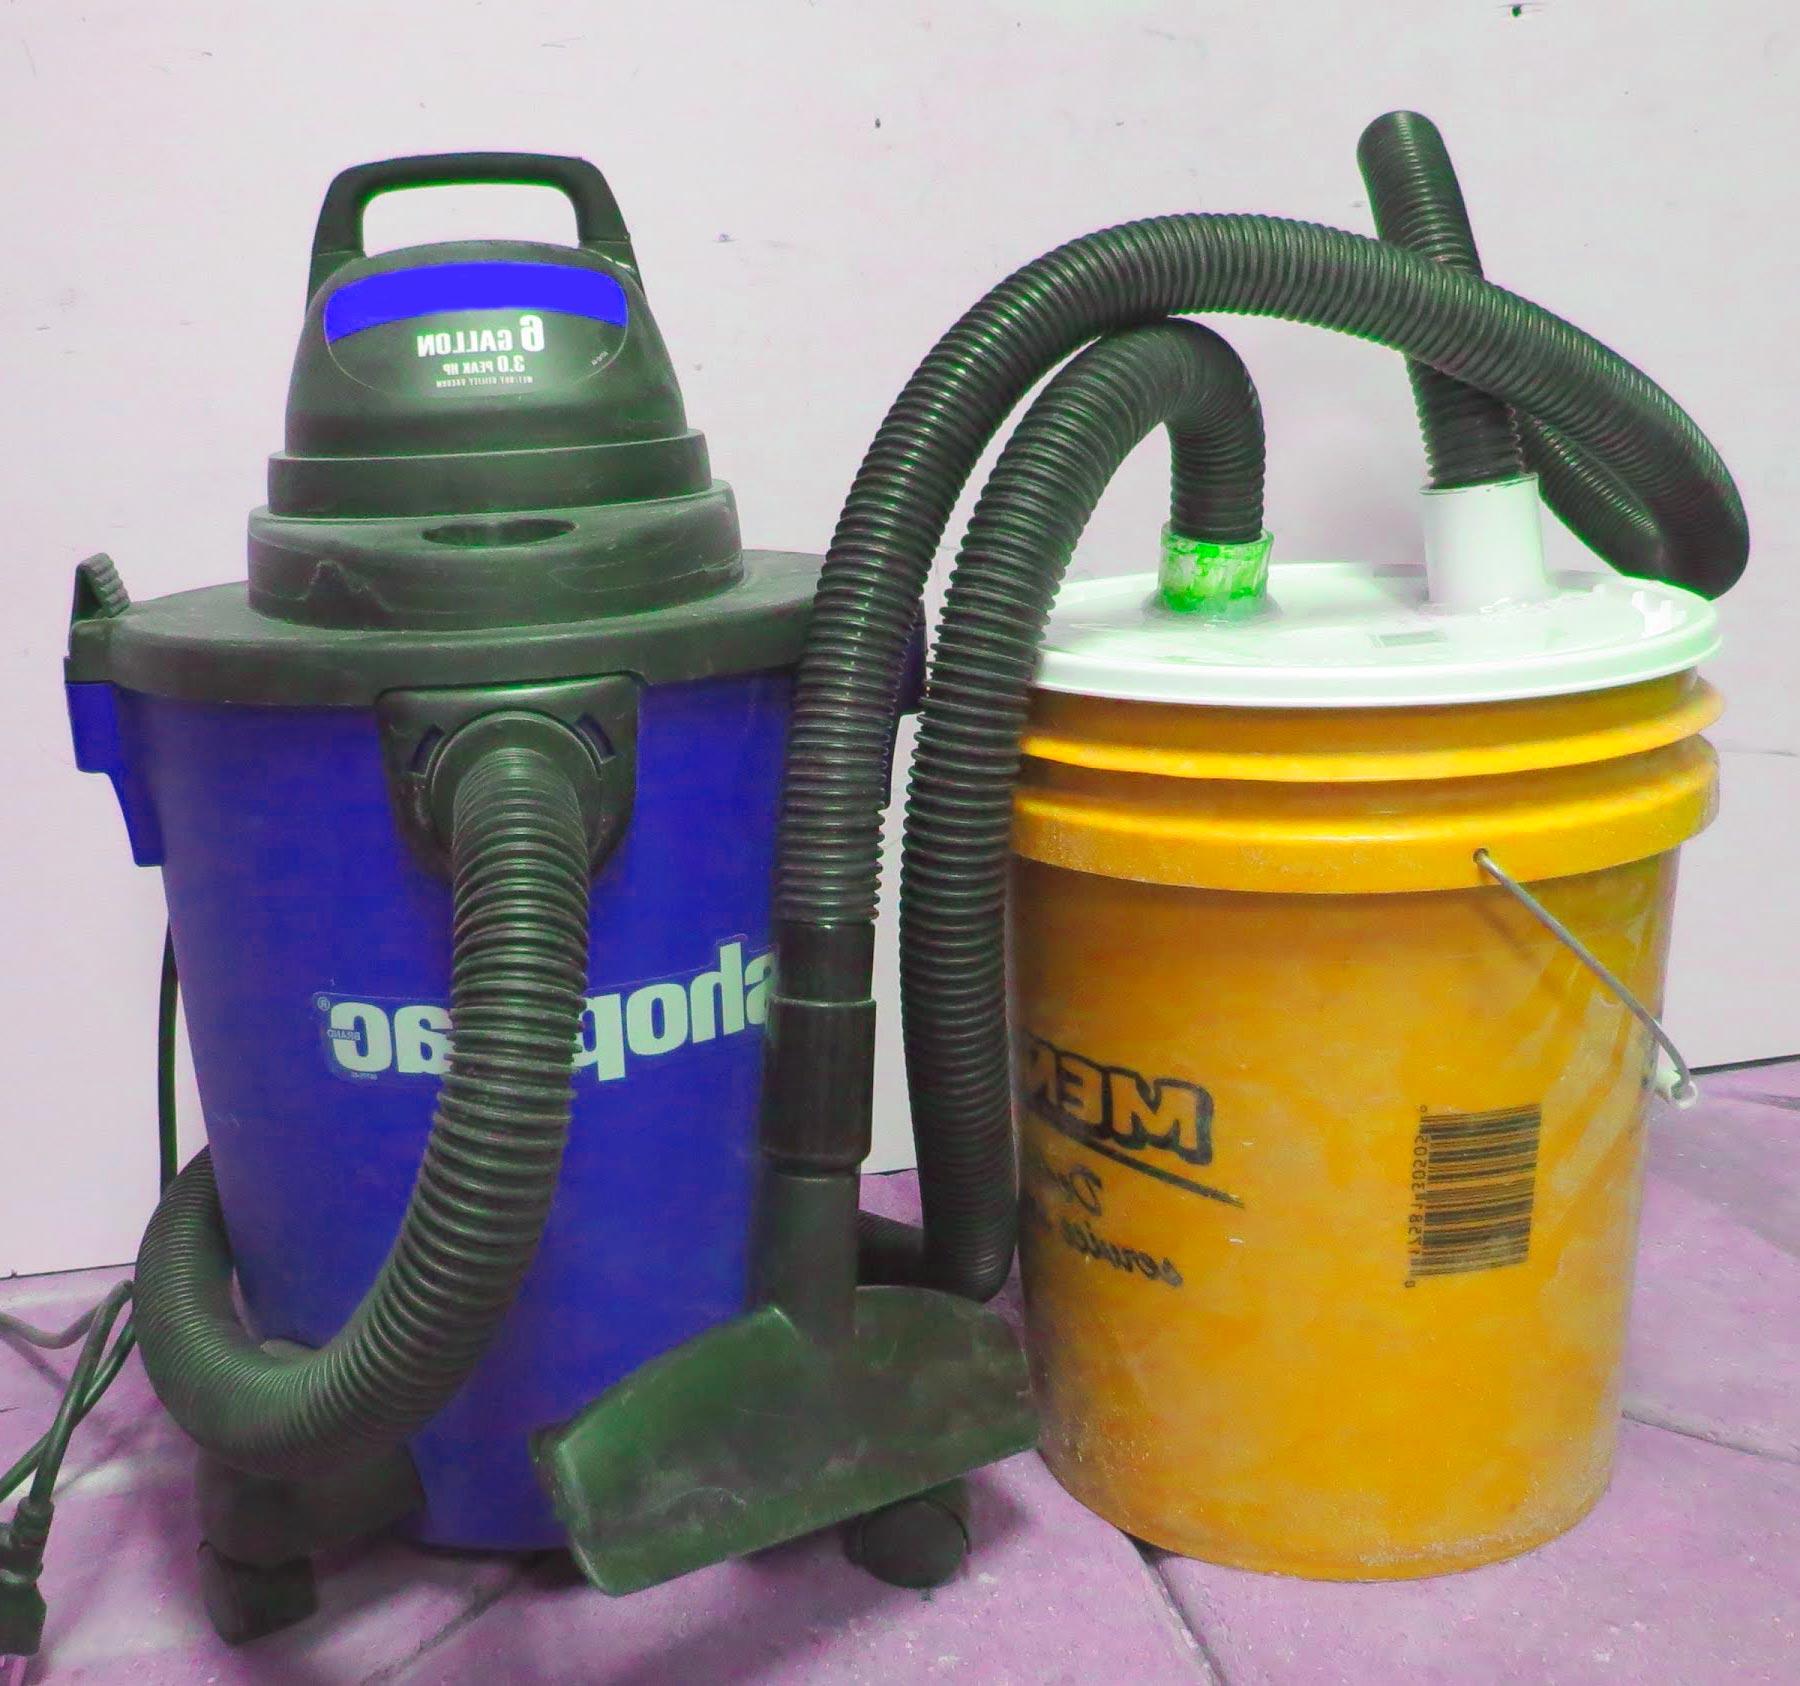 Садовый пылесос своими руками и мощная воздуходувка: выбор двигателя, изготовление мешка и другие нюансы создания самодельных приспособлений для уборки листьев